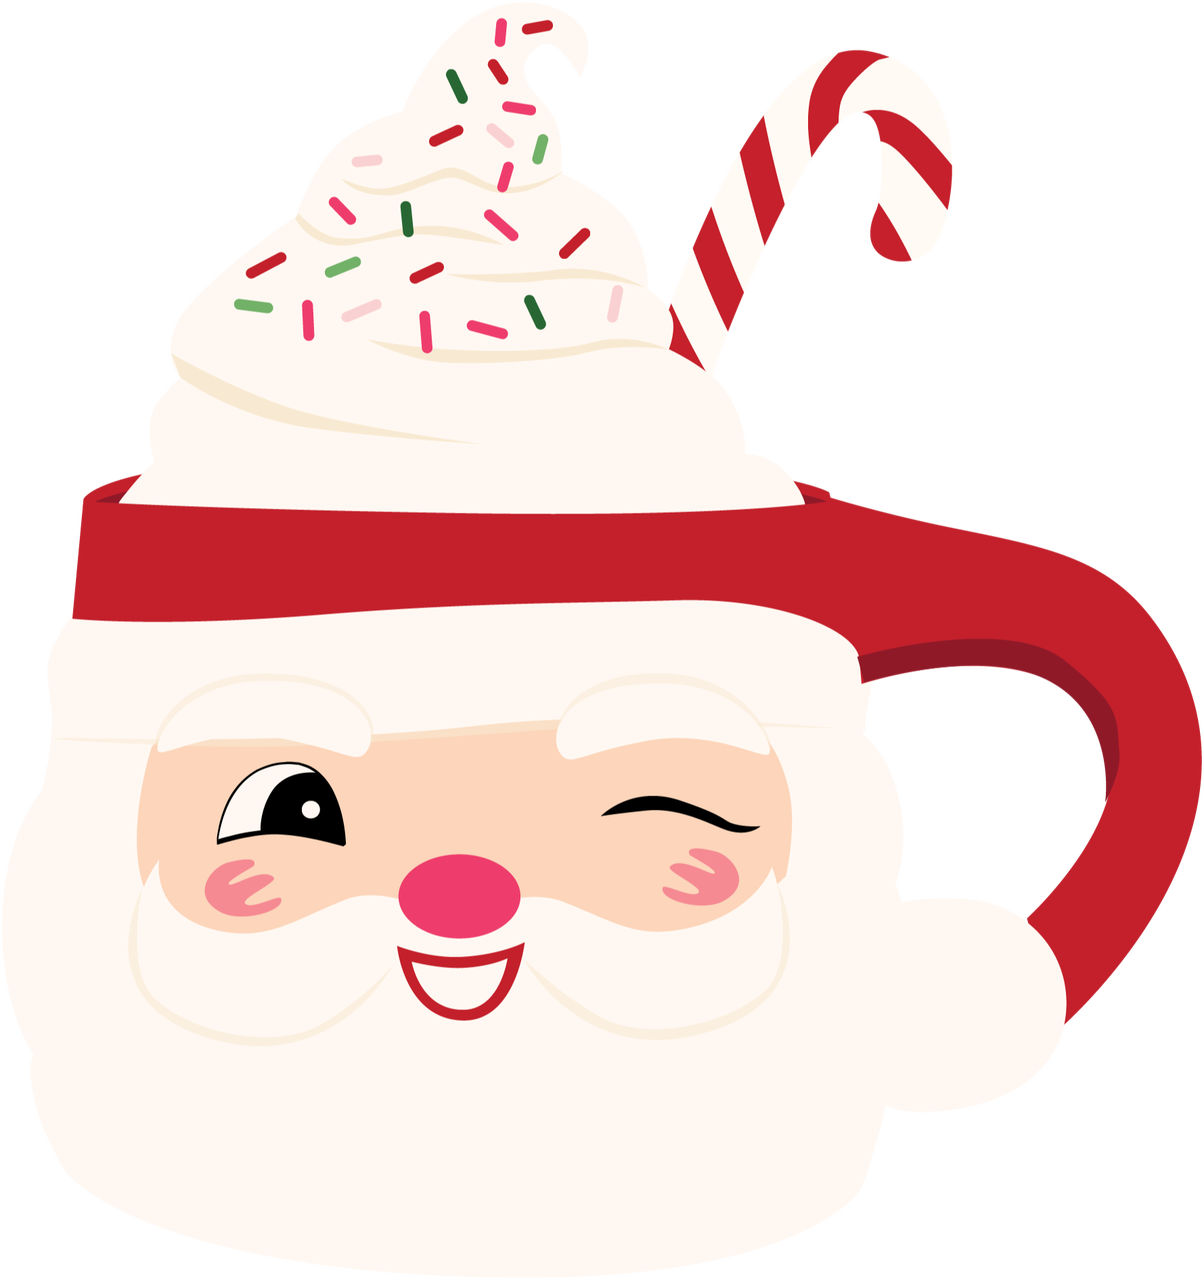 Santa's Mug Print & Cut File